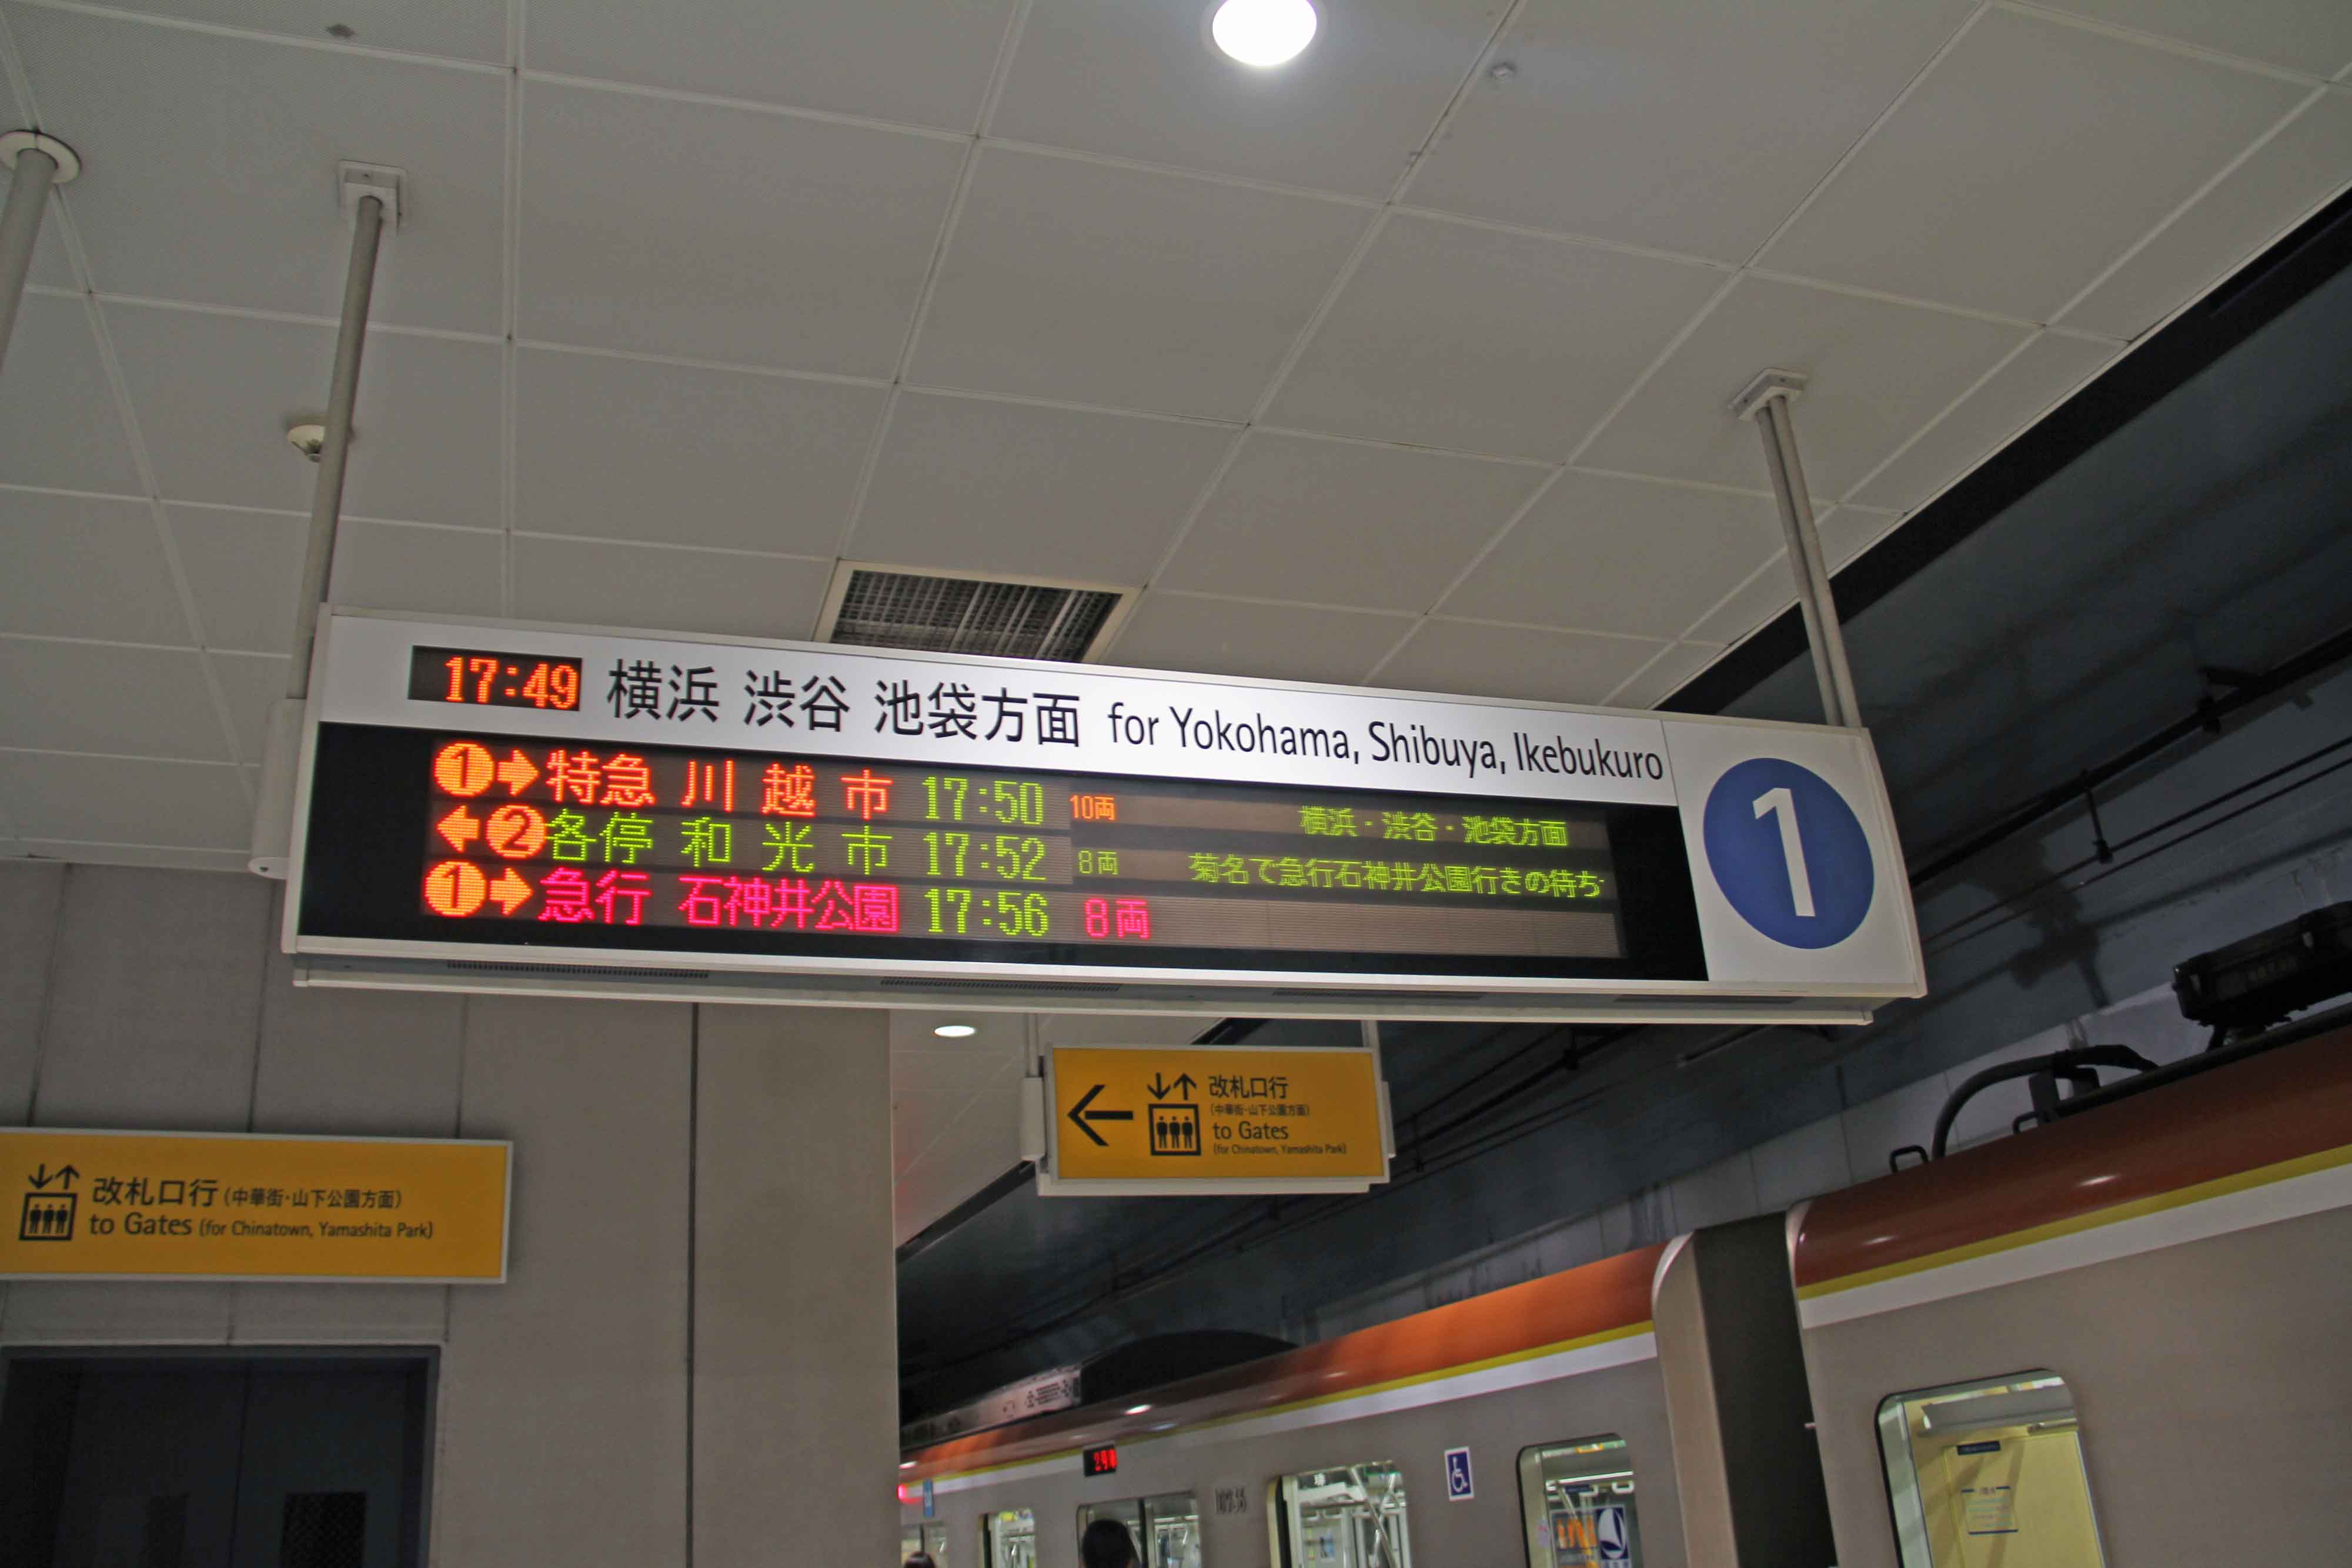 元町・中華街駅運行表示器01